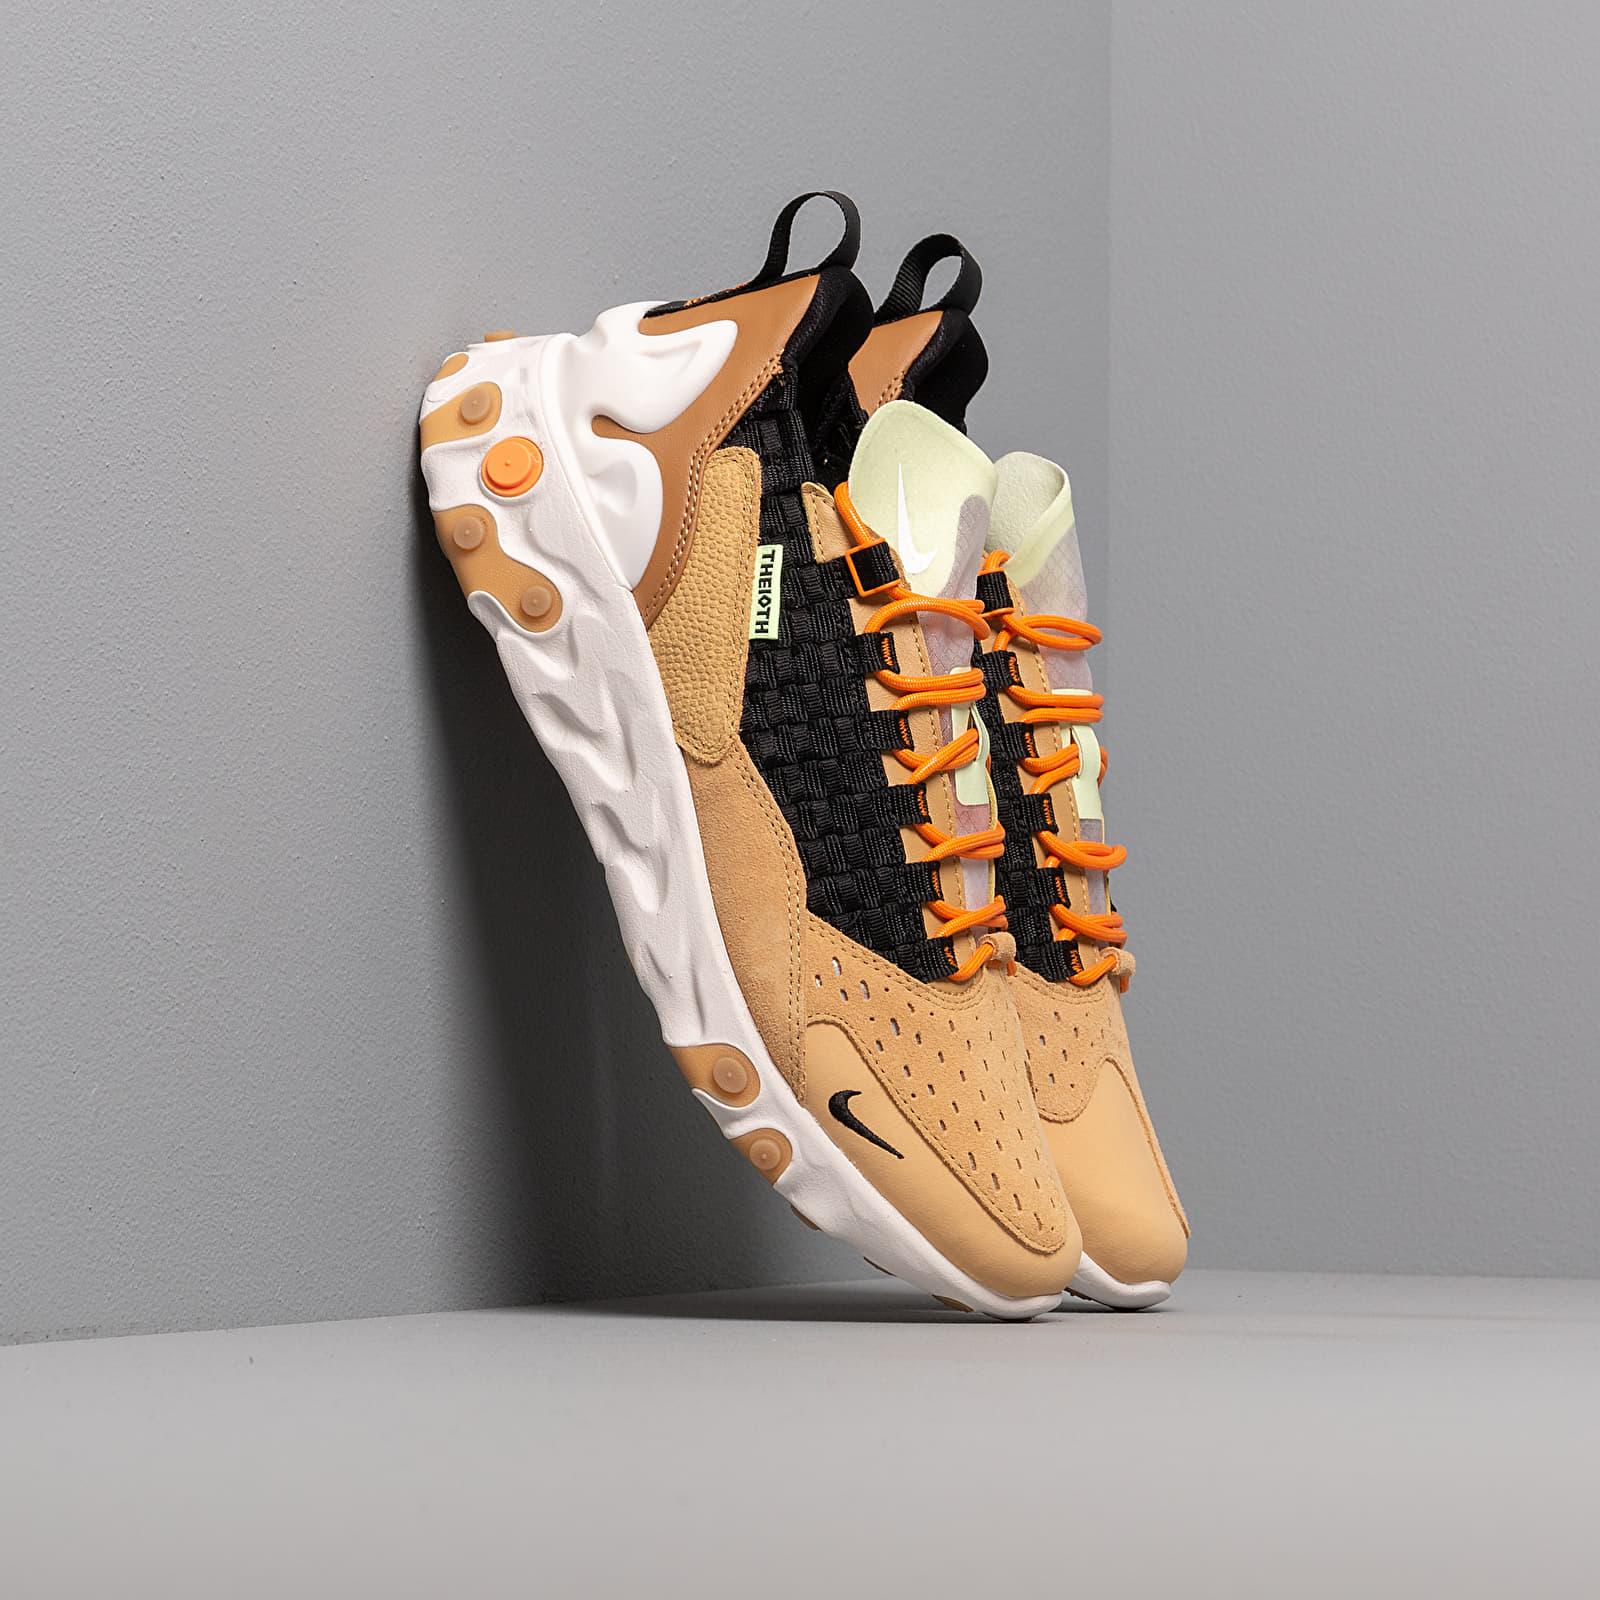 Pánske tenisky a topánky Nike React Sertu Club Gold/ Black-Wheat-Bright Ceramic